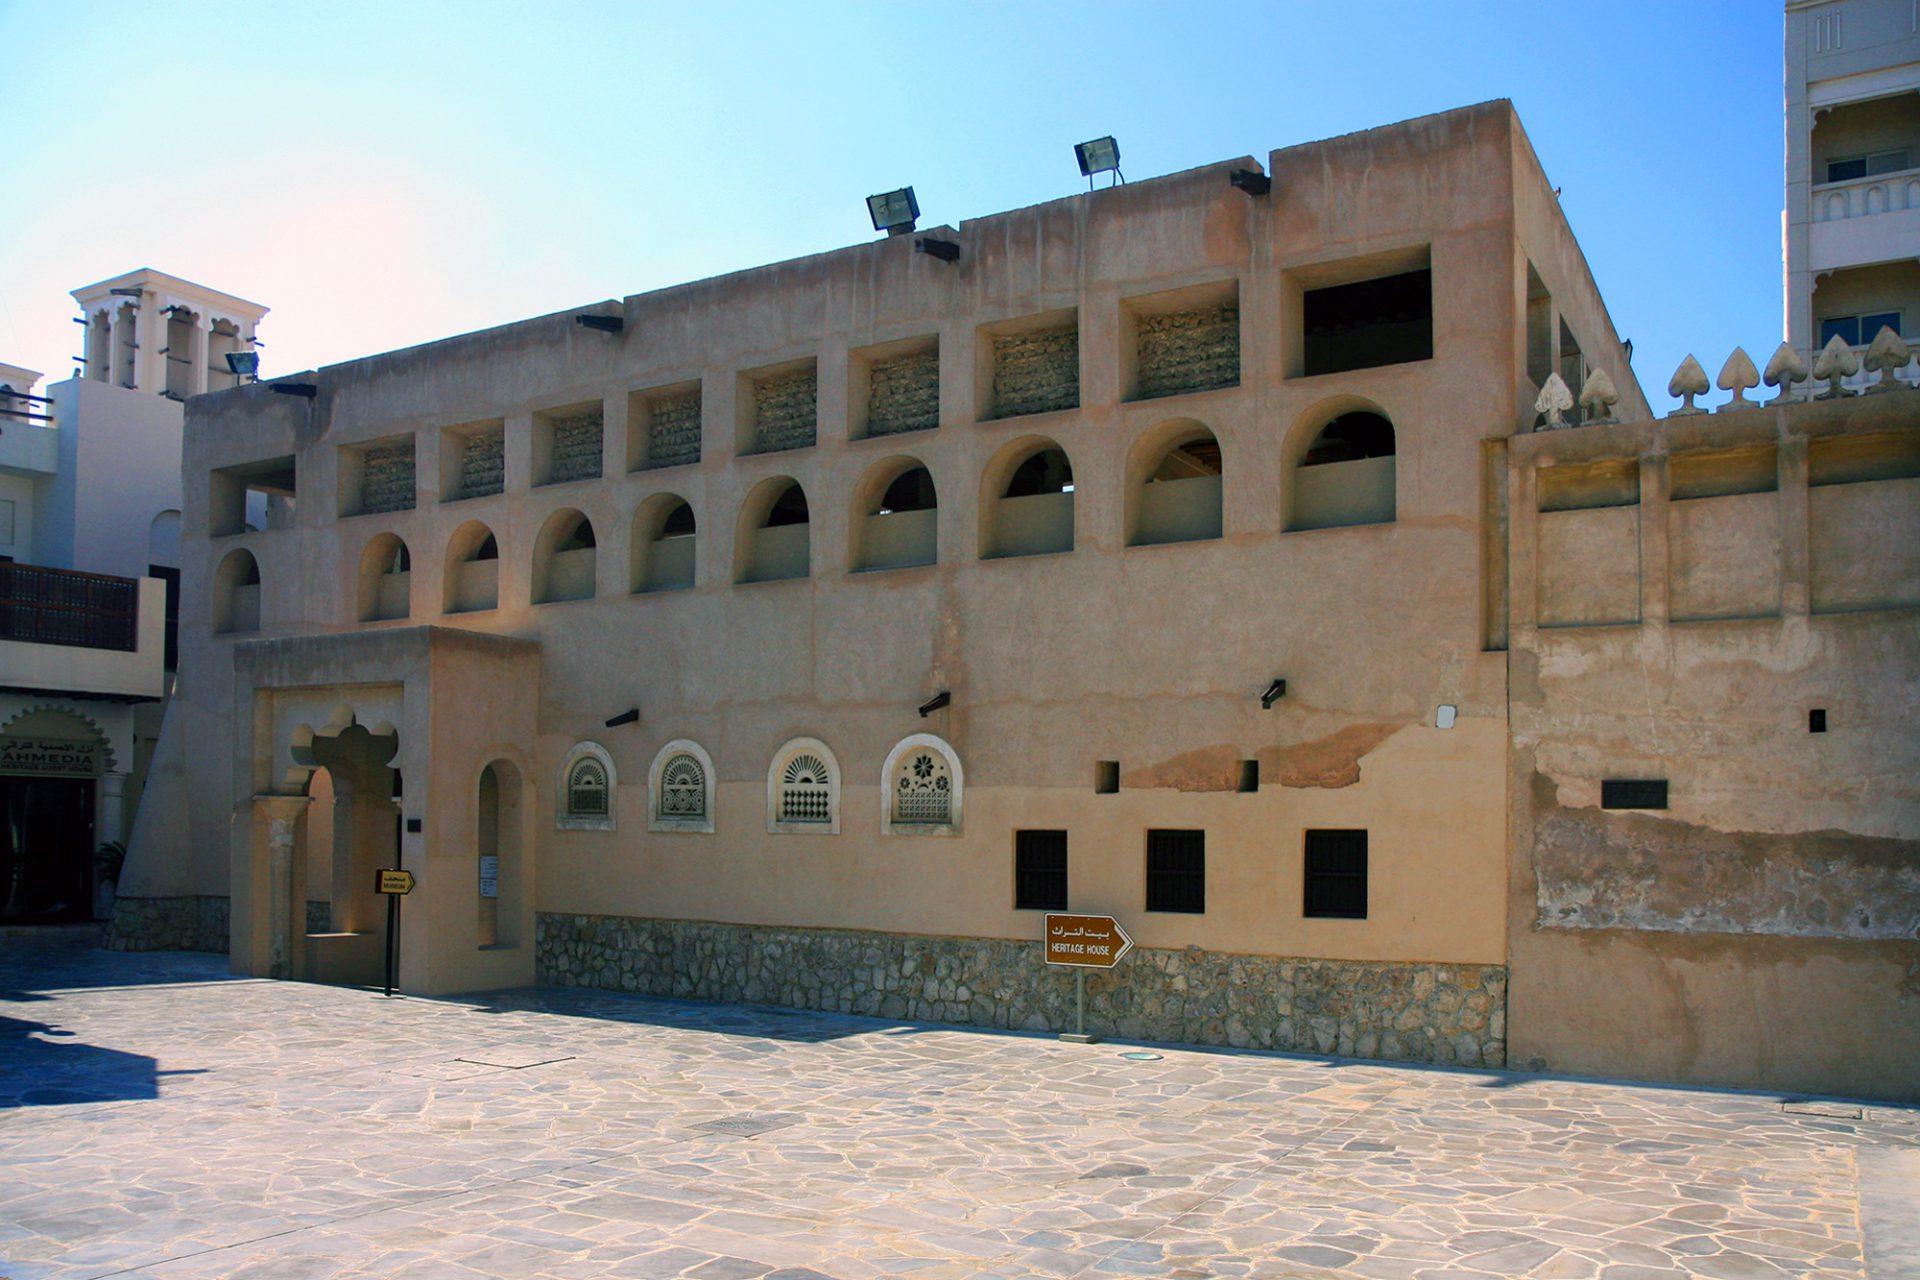 Al Ahmadiya School. Die erste Schule Dubais wurde 1912 gegründet und als traditionelles Lehmgebäude errichtet. Noch bis 1962 wurden hier um die 800 Schüler in 21 Schulklassen unterrichtet.